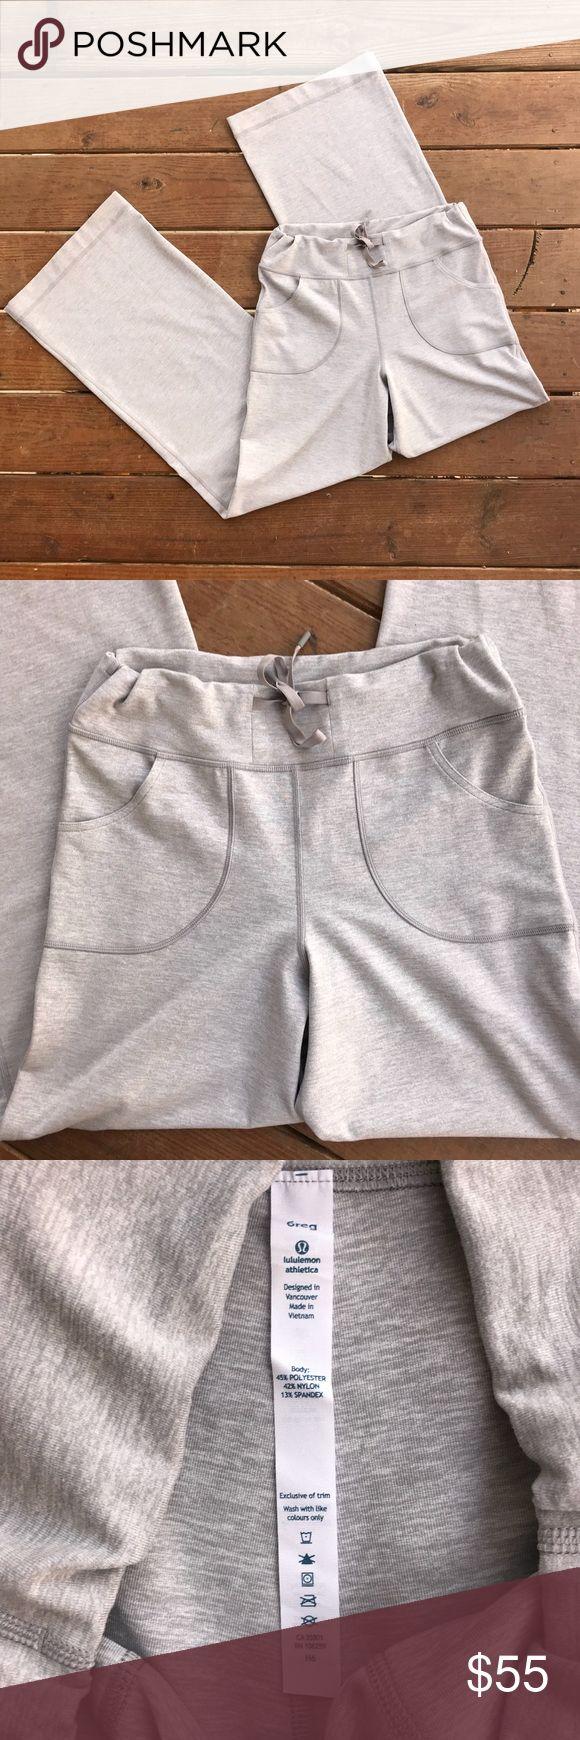 """Lululemon Athletica Still Pants Lululemon Athletica Still Pants. Size 6. Waist- 29"""". Rise - 10"""". Inseam- 31.5"""". lululemon athletica Pants Track Pants & Joggers"""